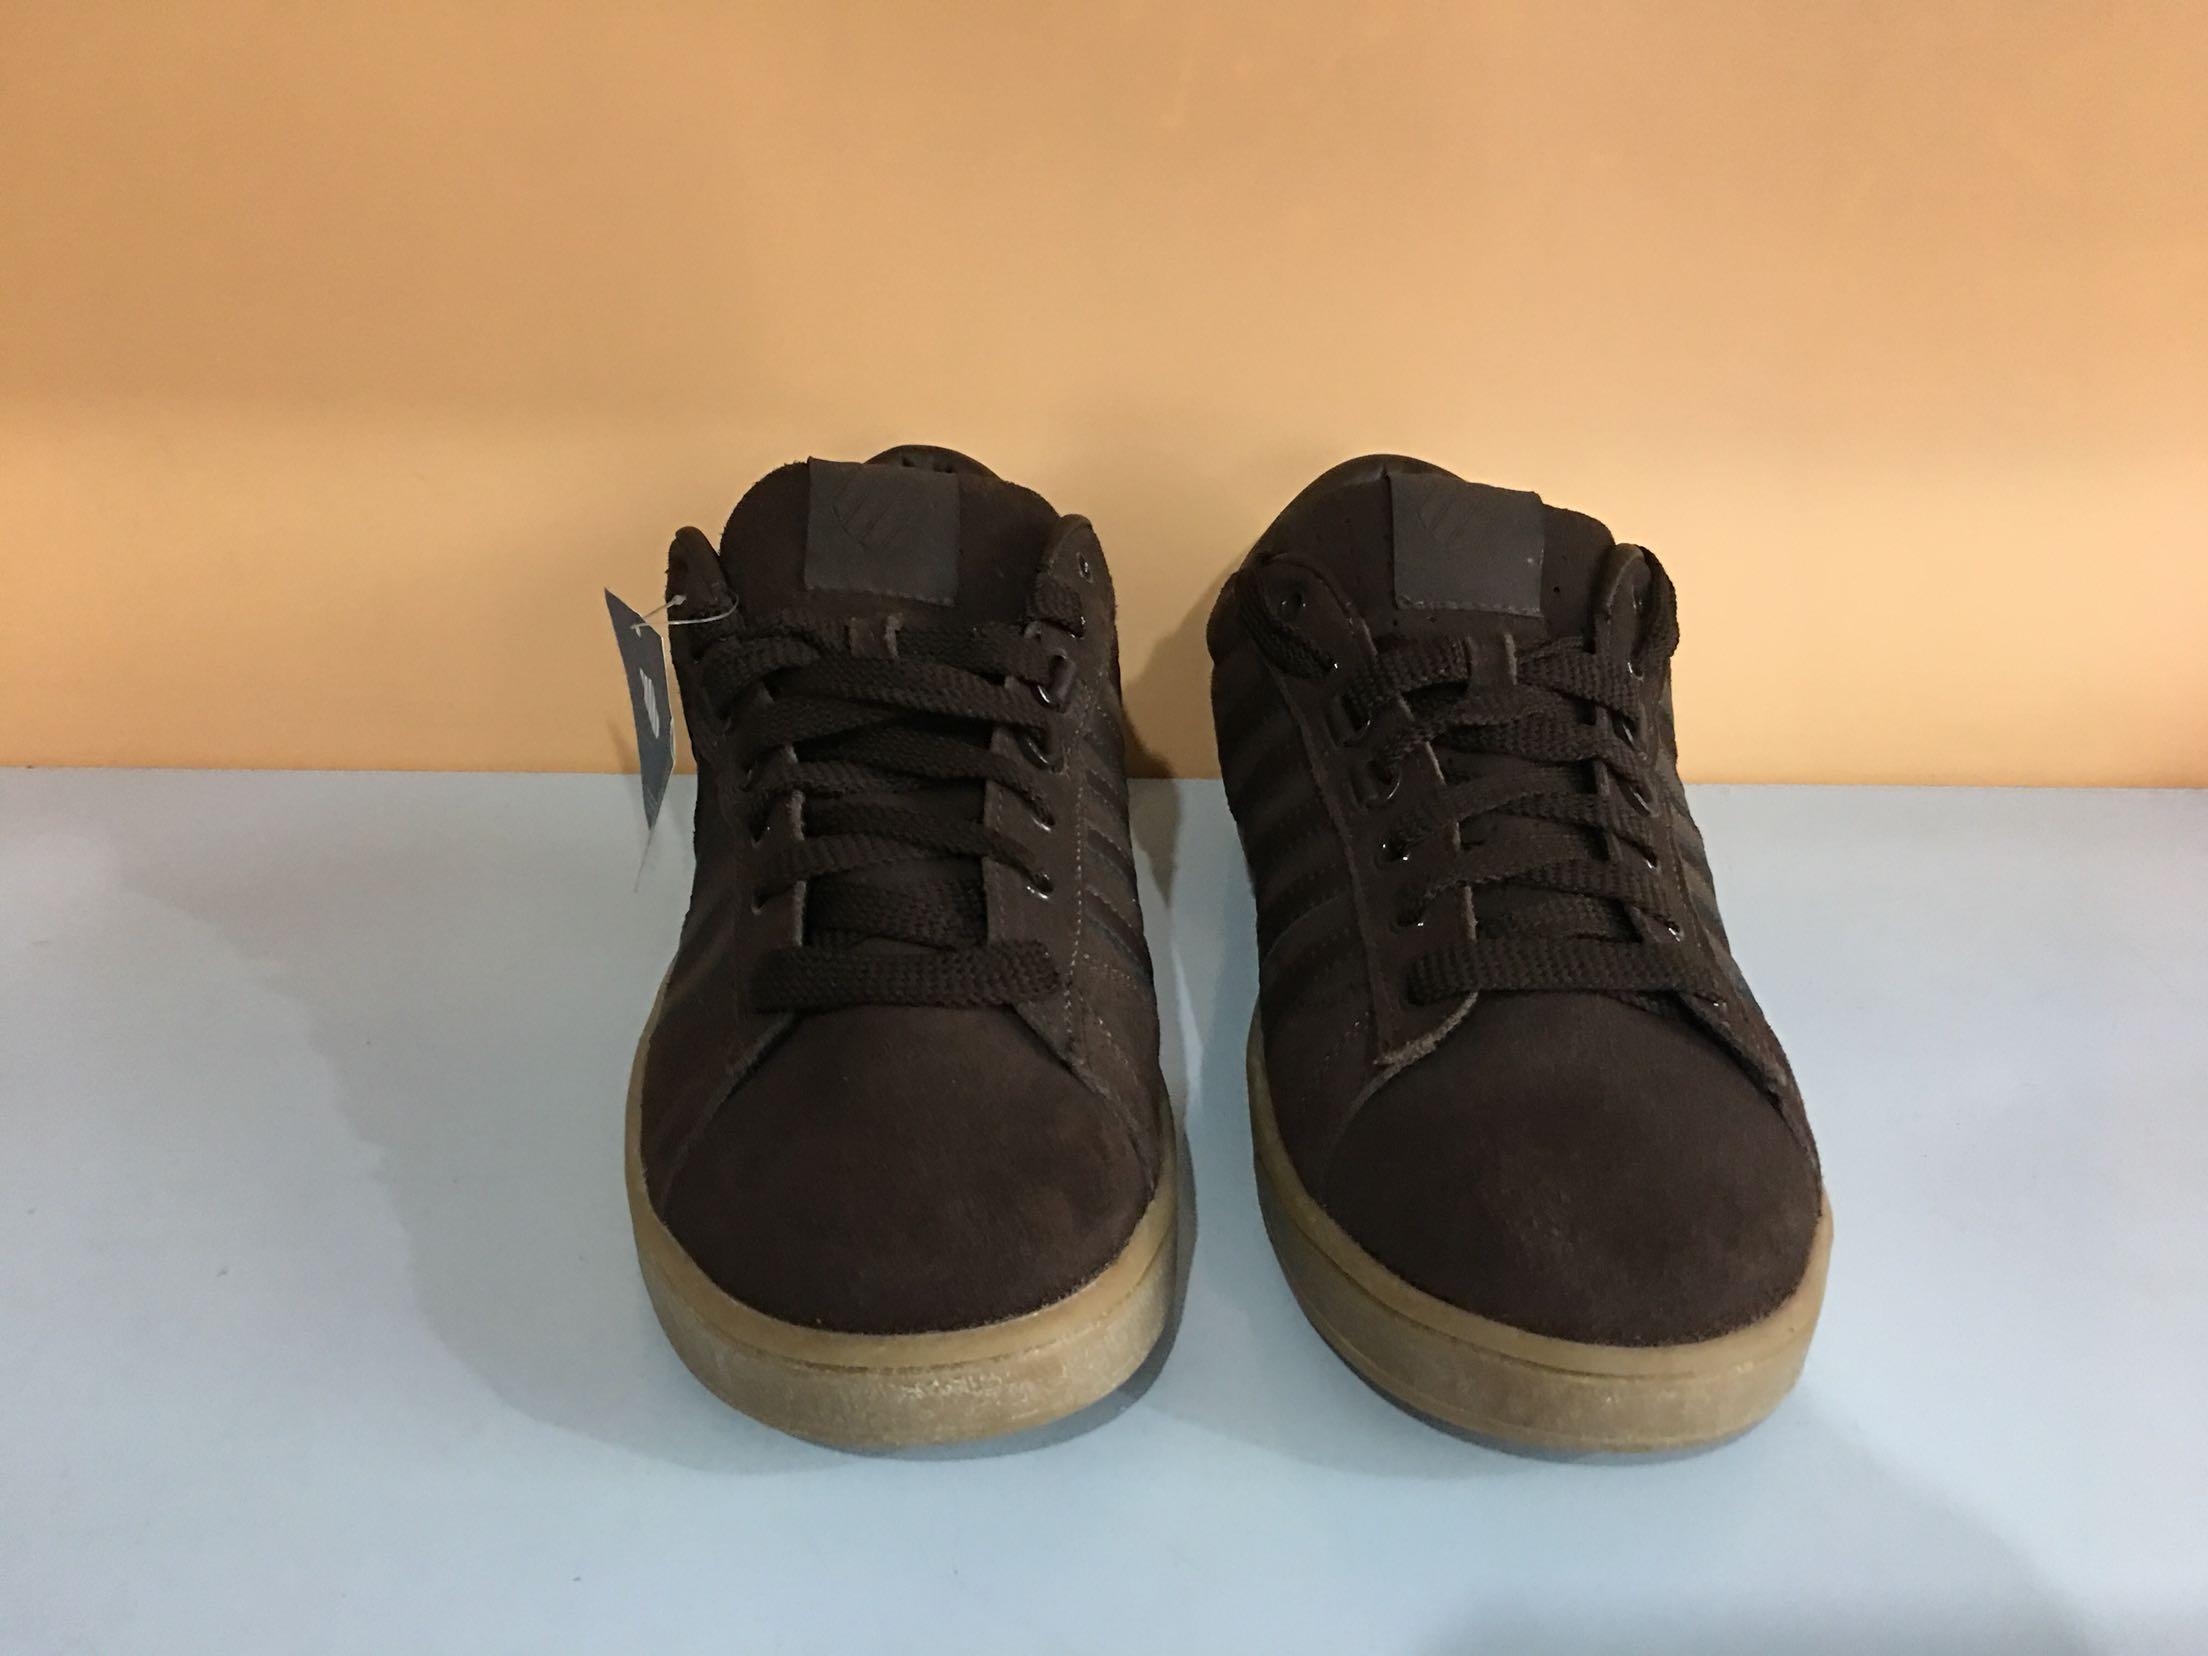 45 威时尚百搭耐磨全牛皮牛筋底休闲鞋 s 海外版正品盖 出口美国